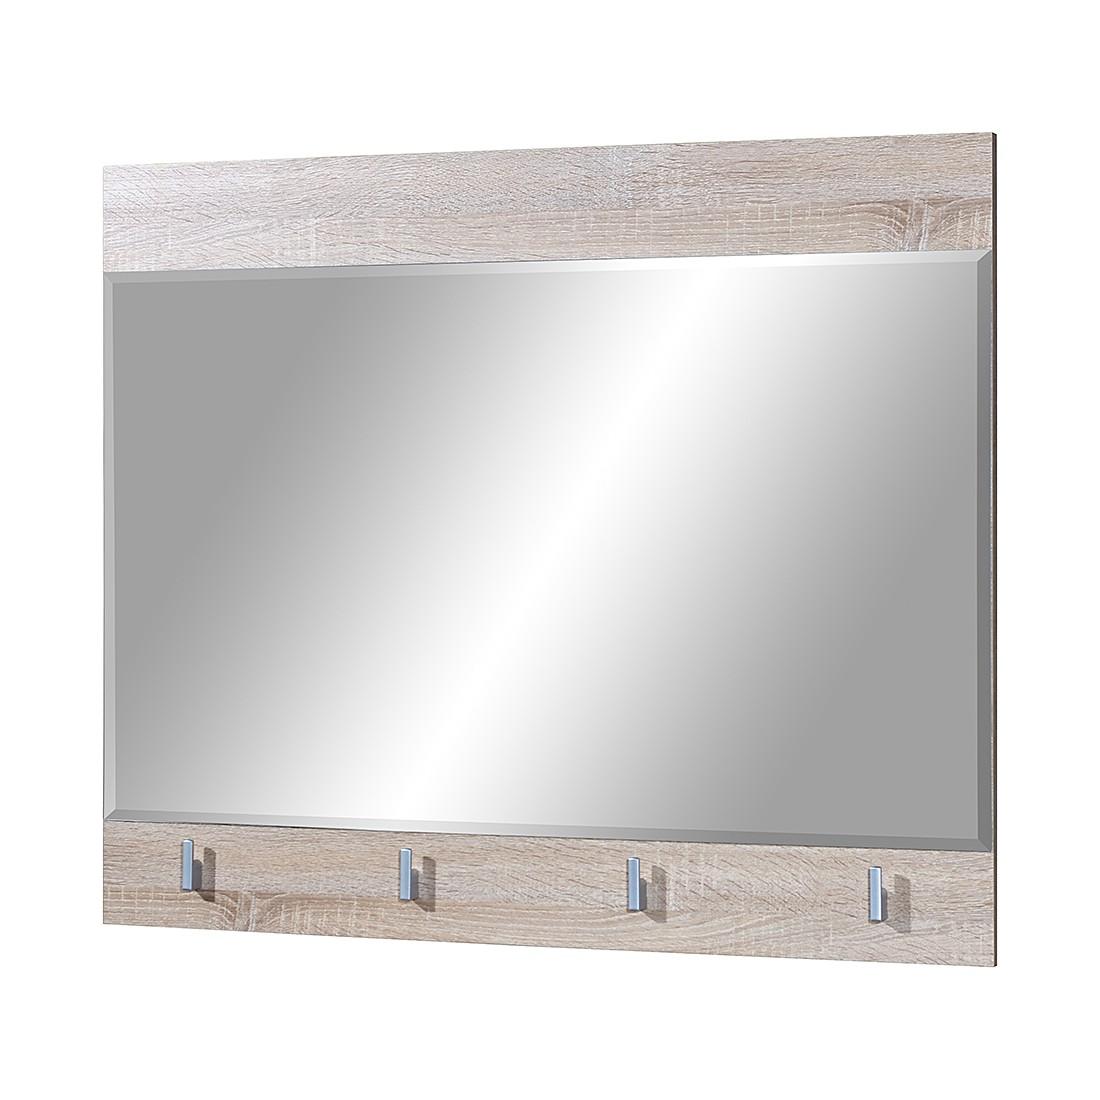 Spiegel Maline – Eiche Sonoma Dekor, Top Square günstig